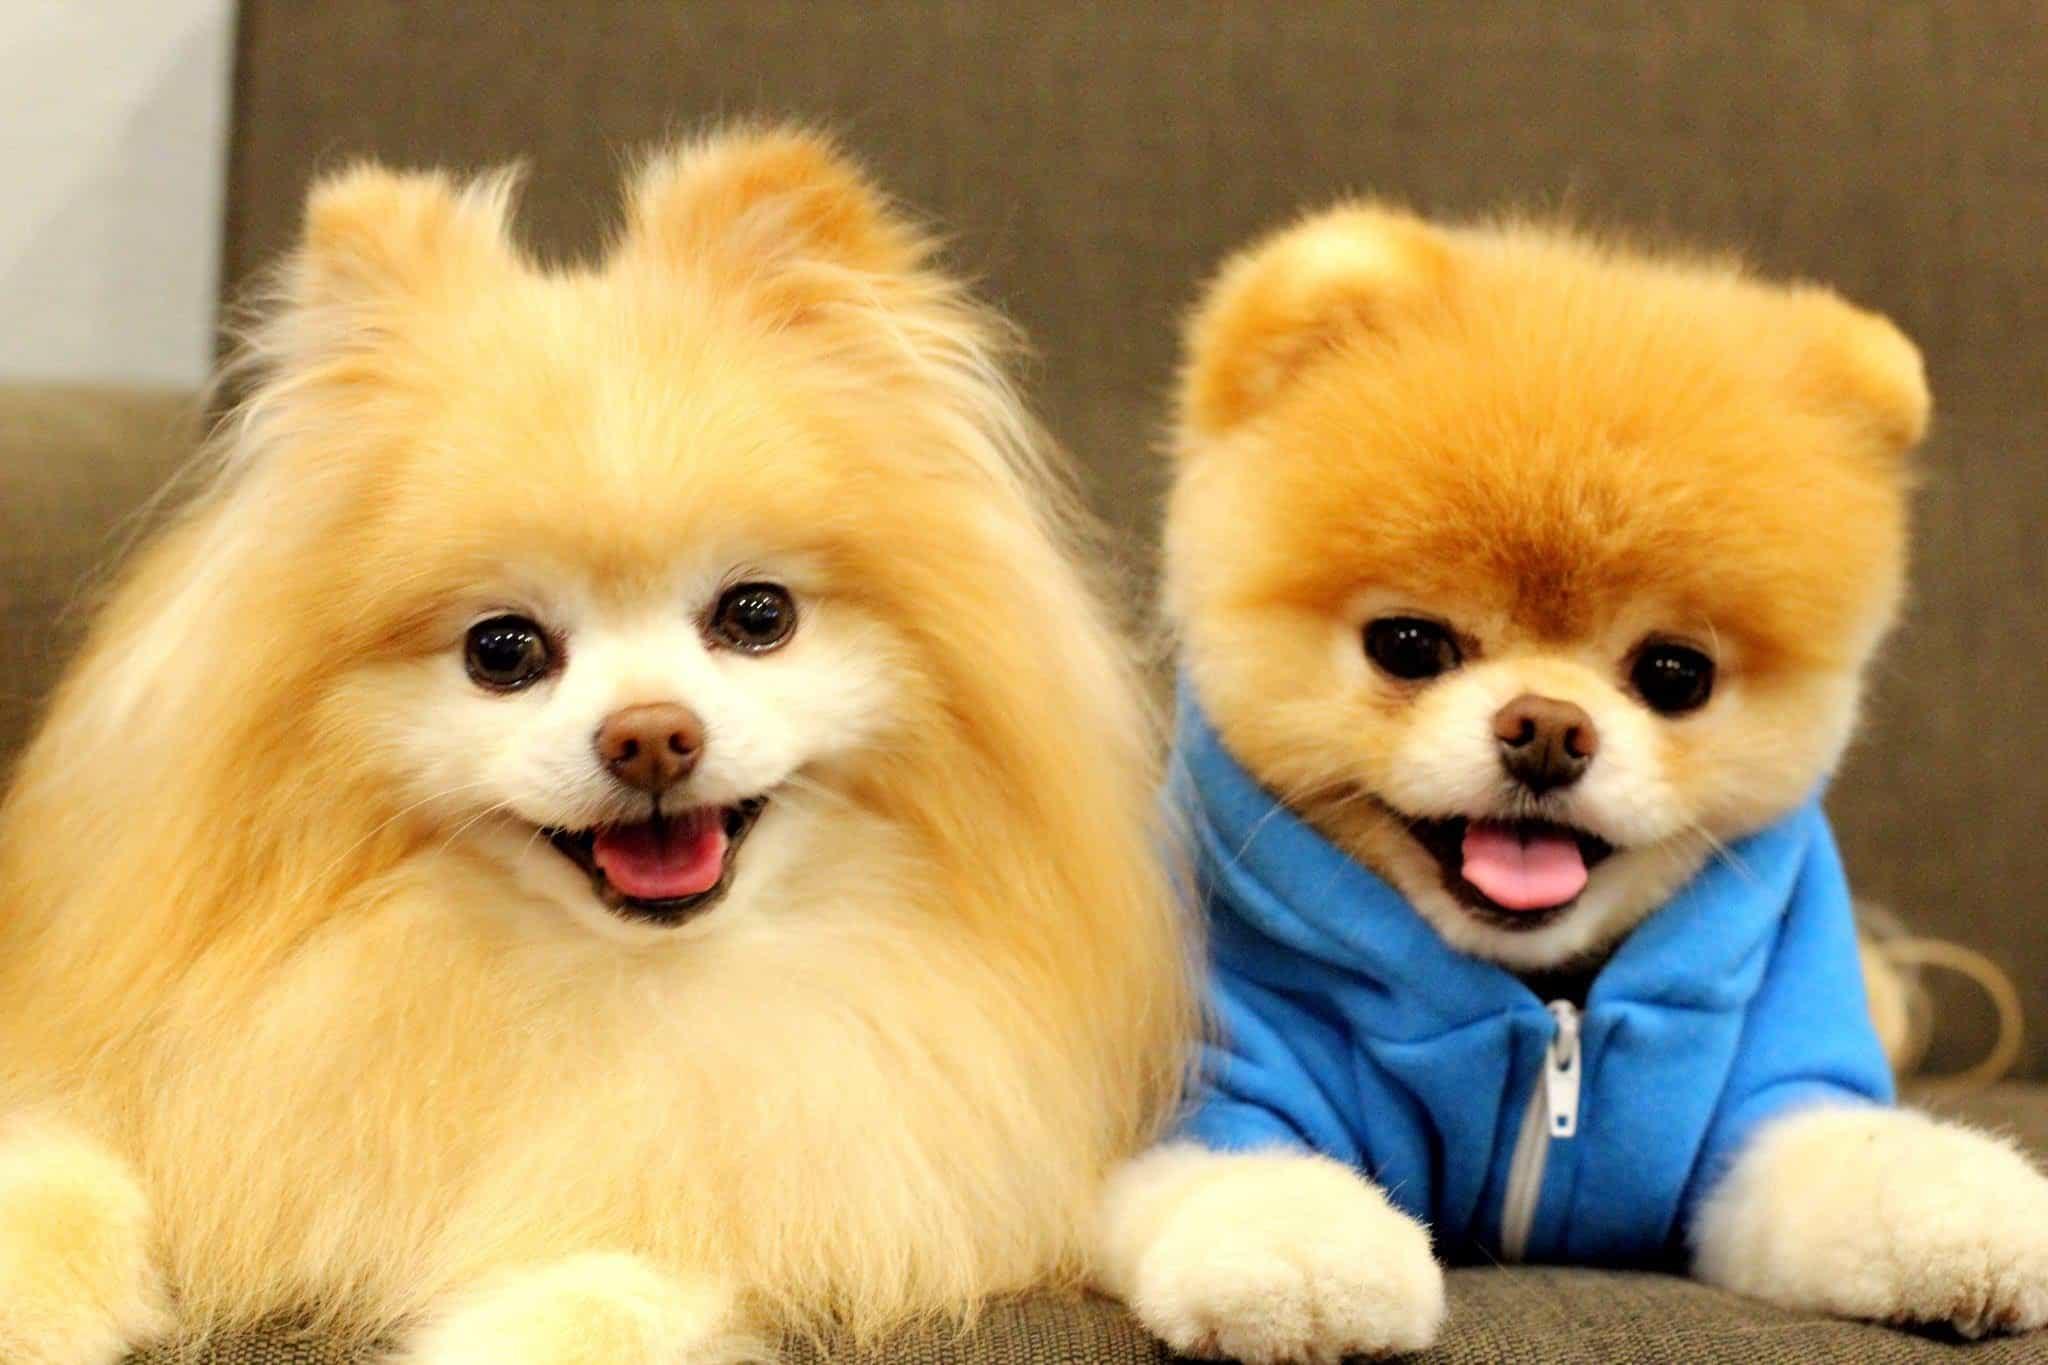 Bộ lông giống chó Boo giúp chó Phốc sóc dễ thương hơn